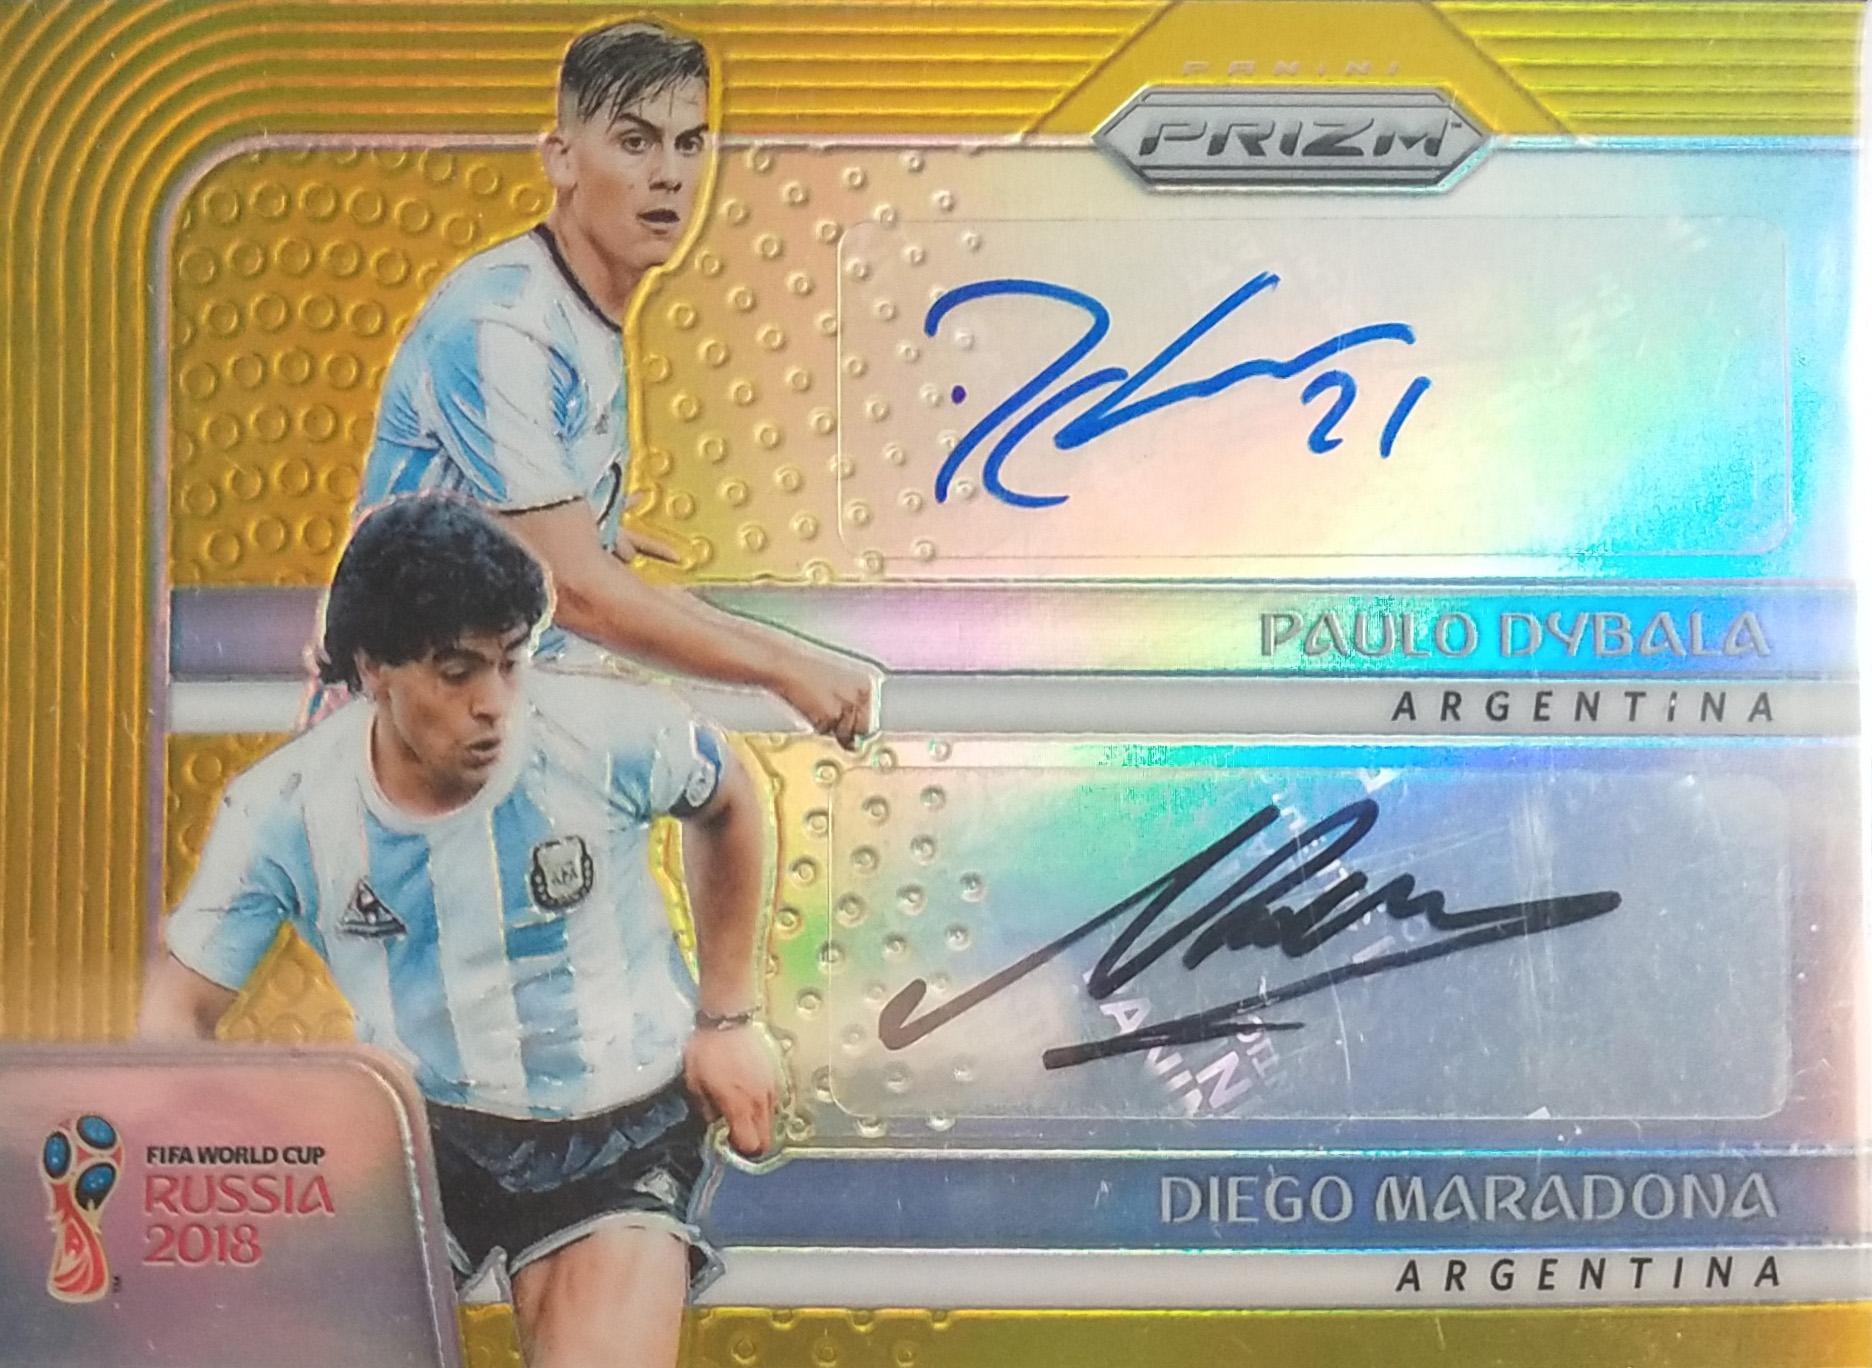 【自若清风】2018Panini帕尼尼俄罗斯世界杯球星卡Diego Maradona & Paulo Dybala迭戈·马拉多纳&保罗·迪巴拉阿根廷8/10签字